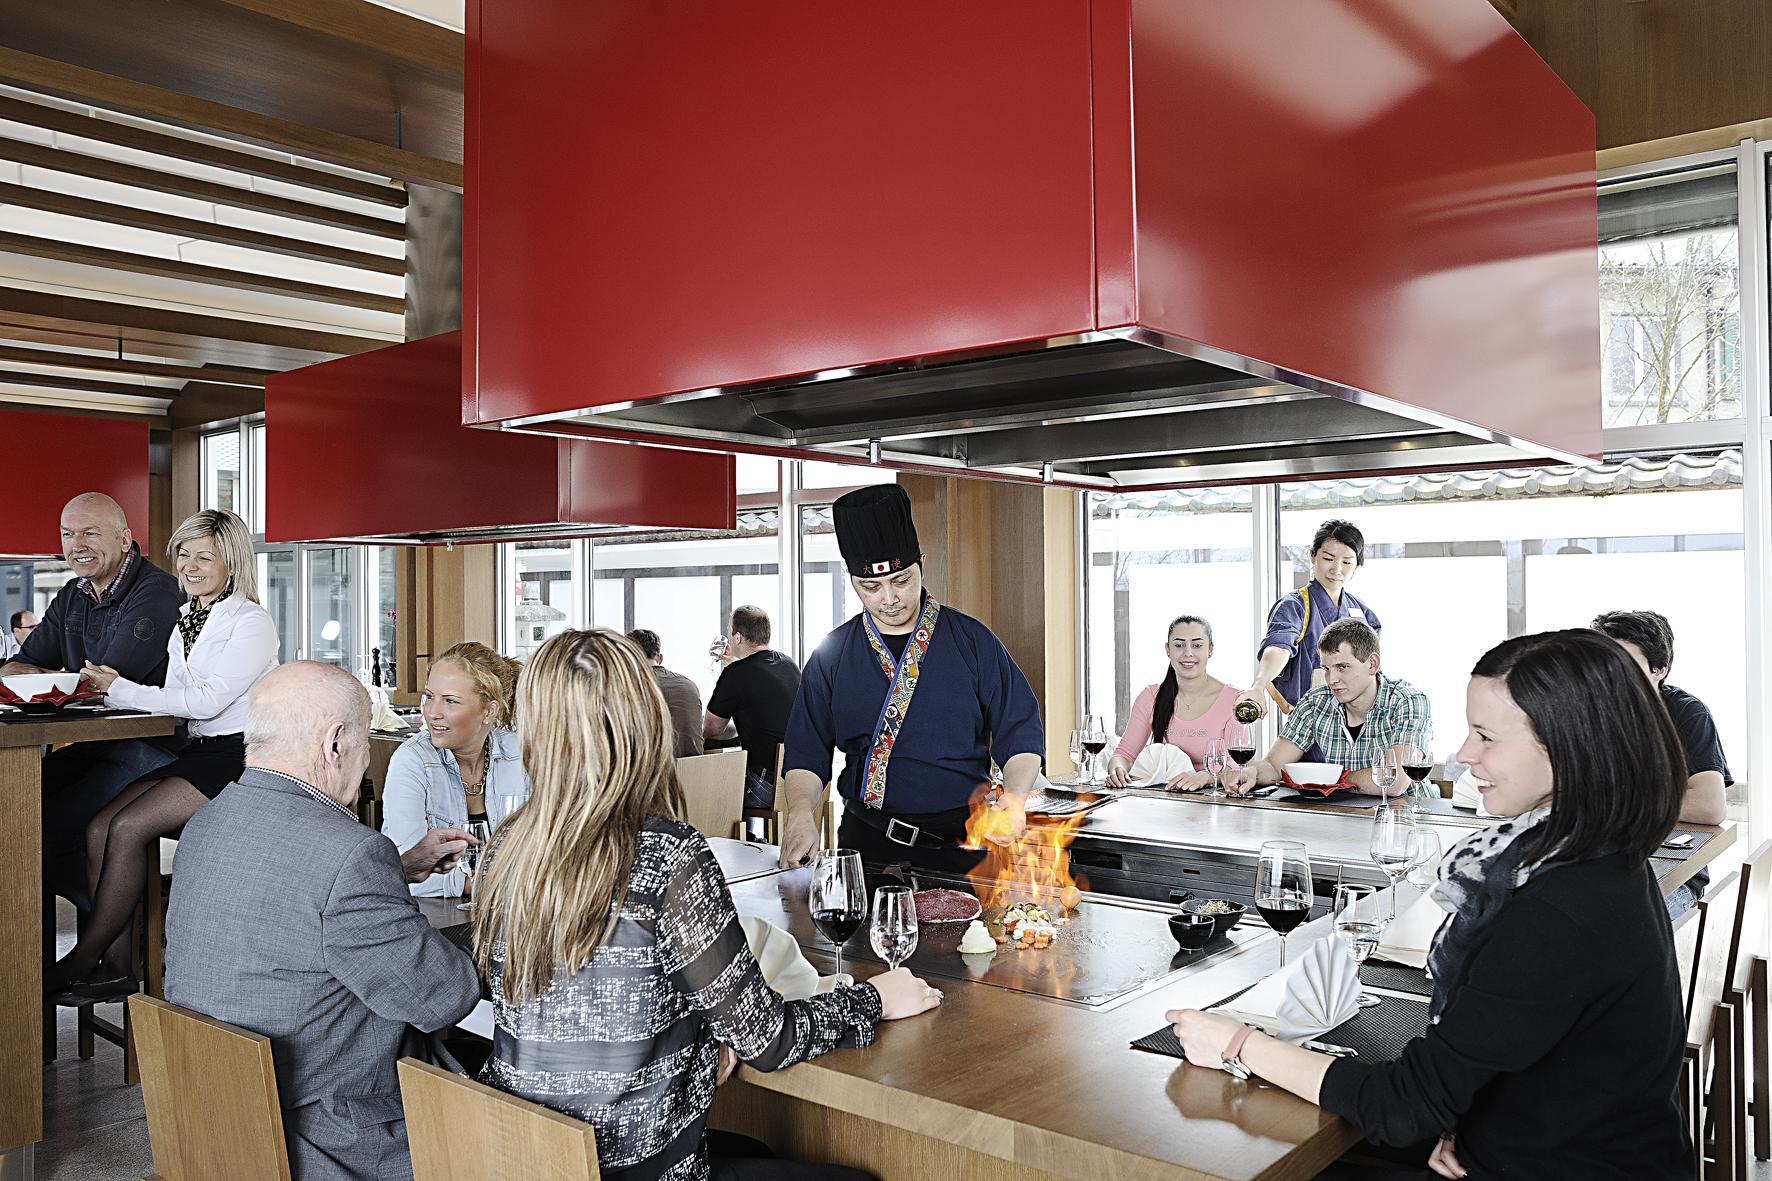 【スイス】4つ星ホテルの日本食レストランで寿司職人を募集!